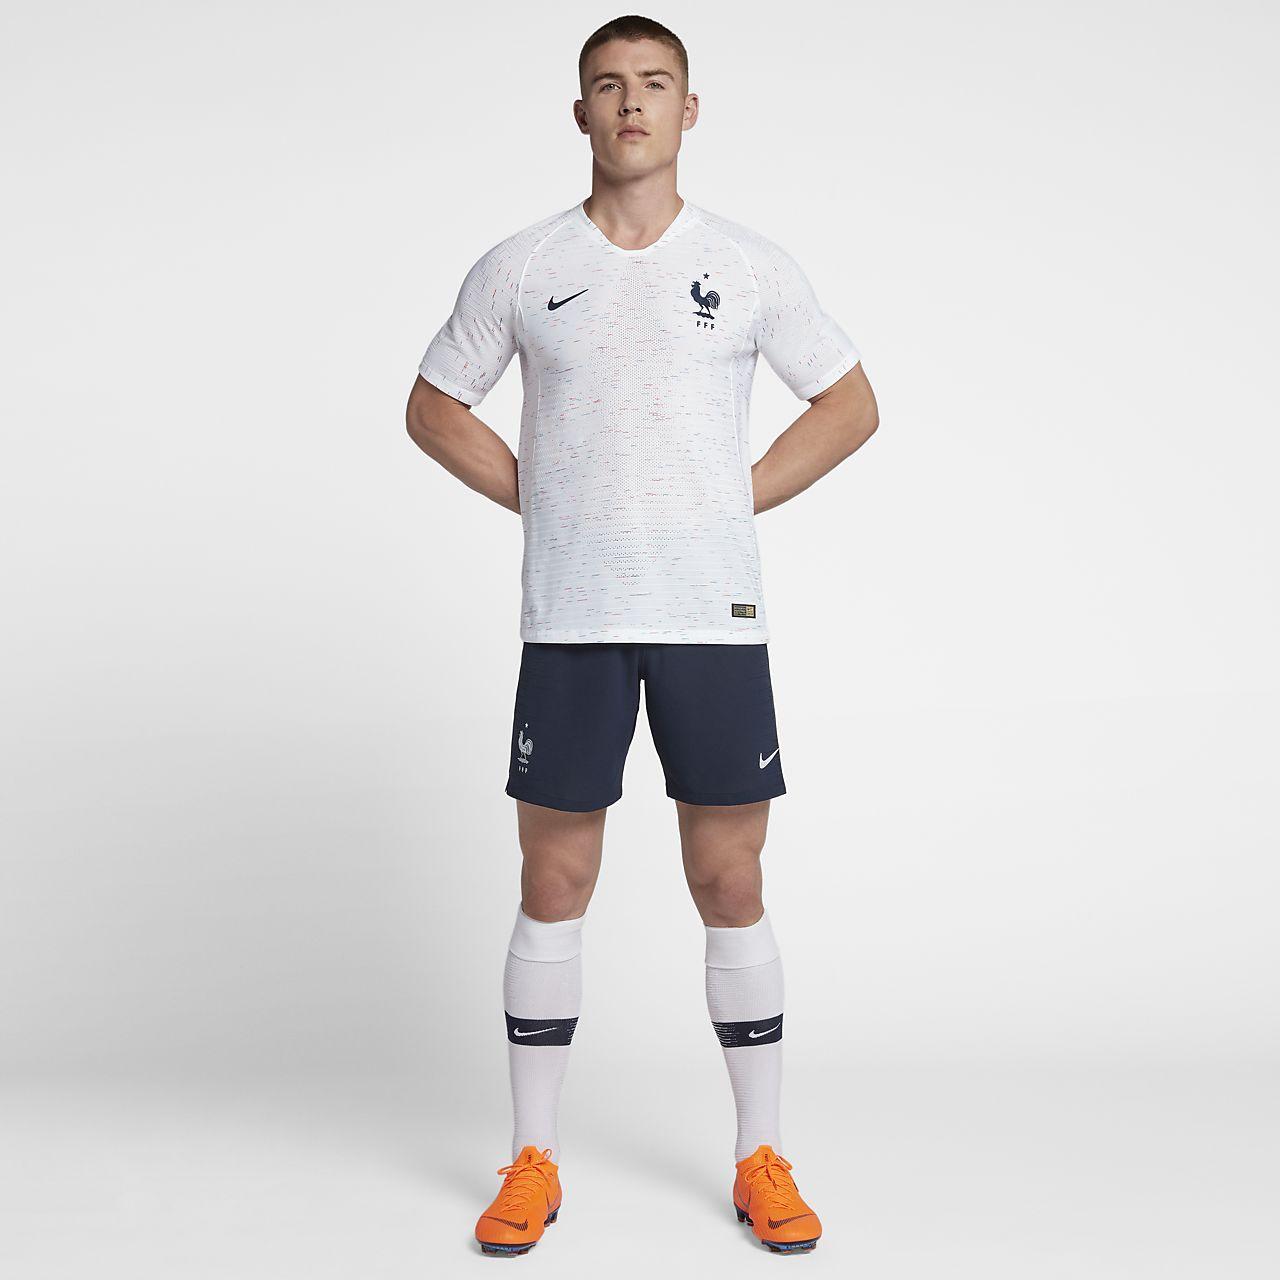 2018 FFF Vapor Match Away Camiseta de fútbol - Hombre. Nike.com ES 083bd72caece8